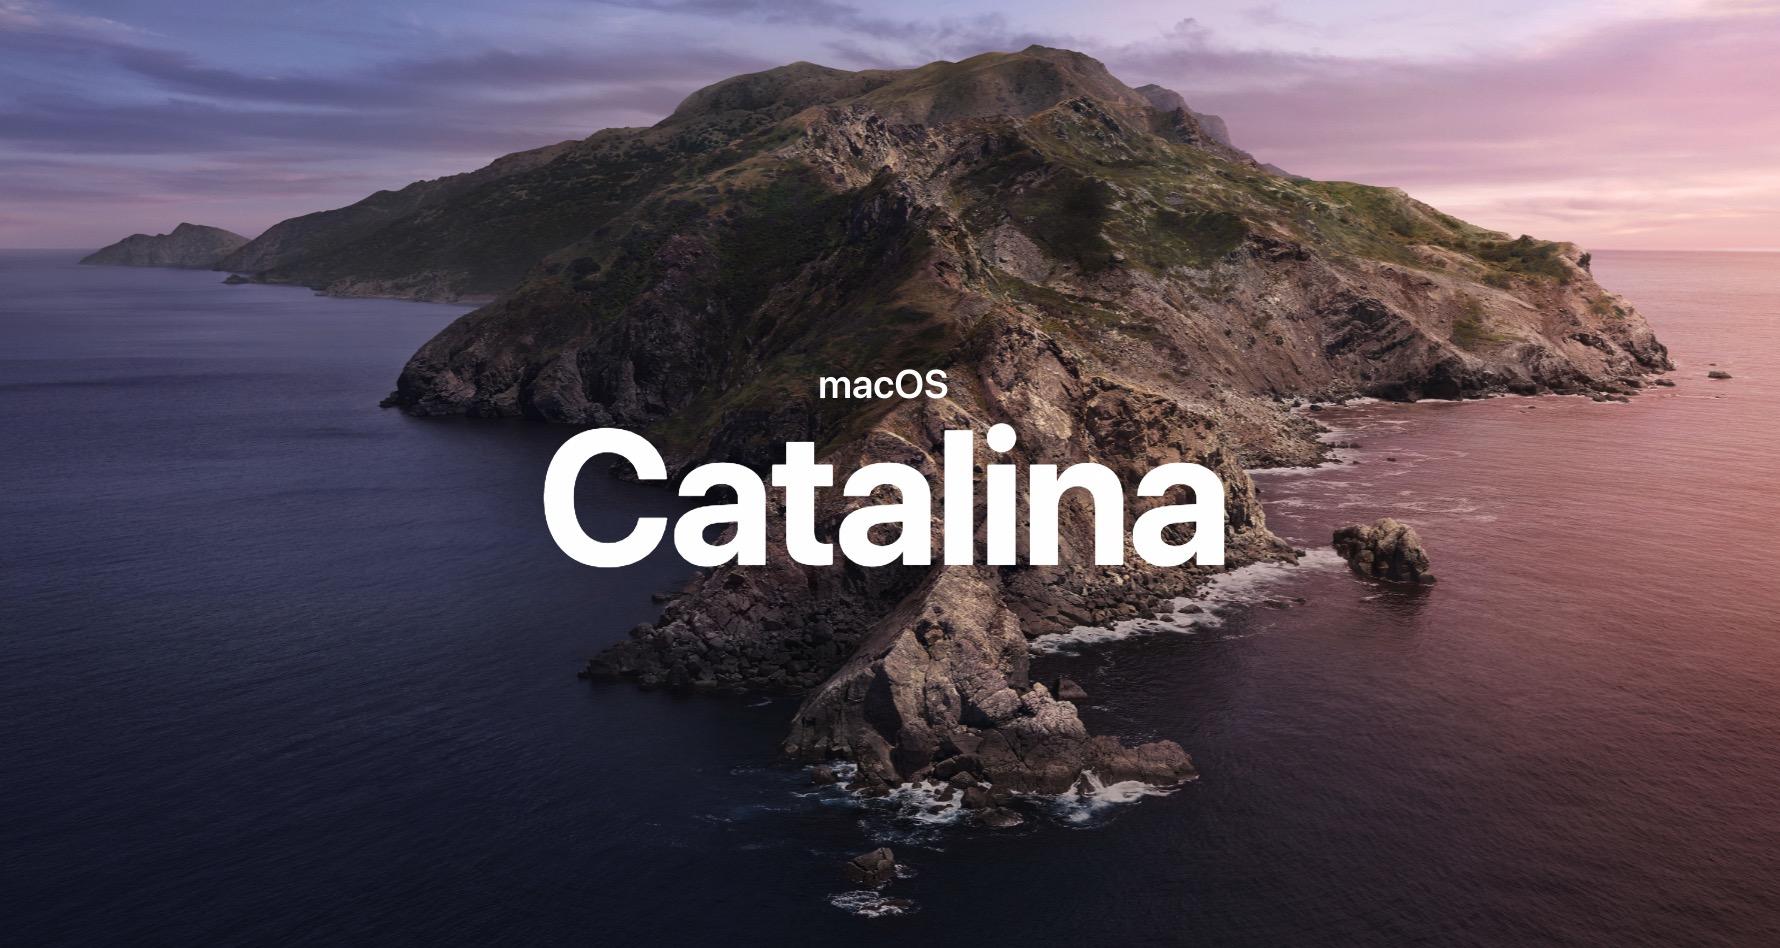 installer macOS Catalina